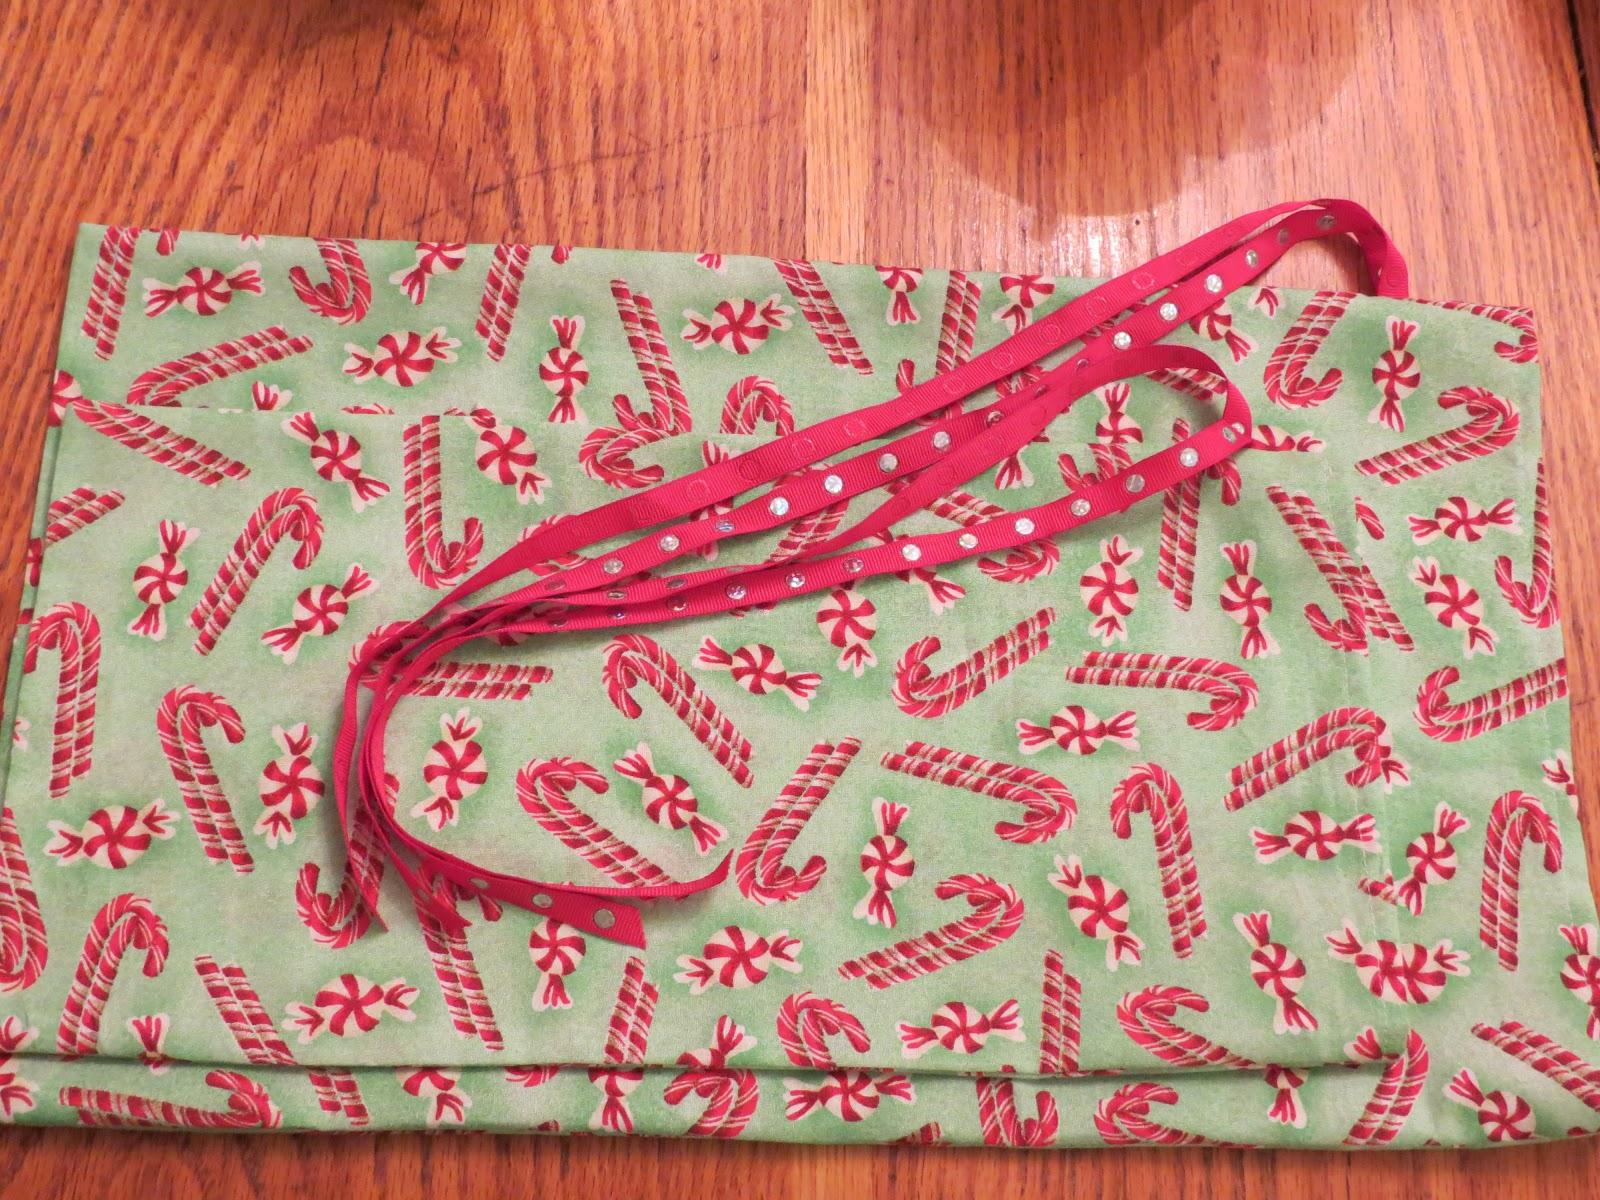 Welcome Home Katya!: Re-useable Cloth Christmas Gift Bags